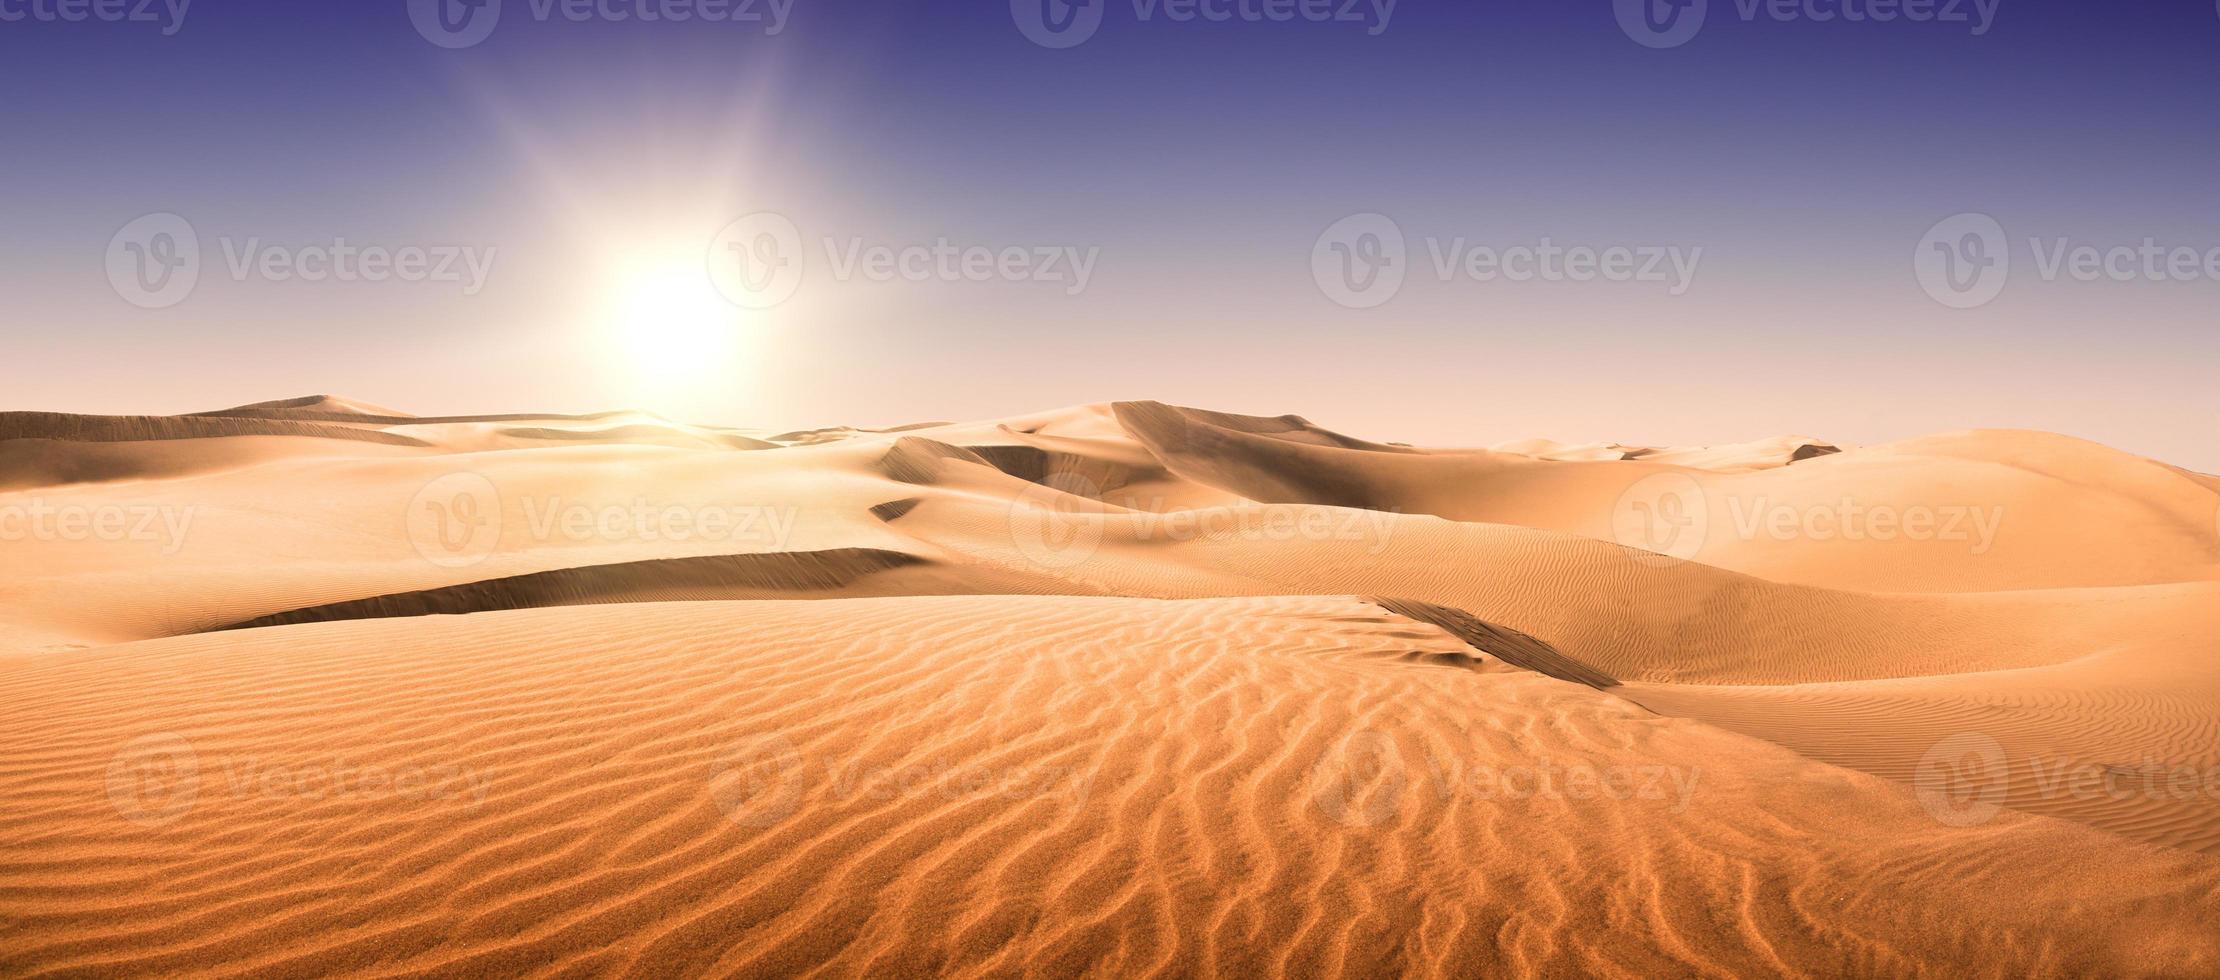 désert d'or. photo